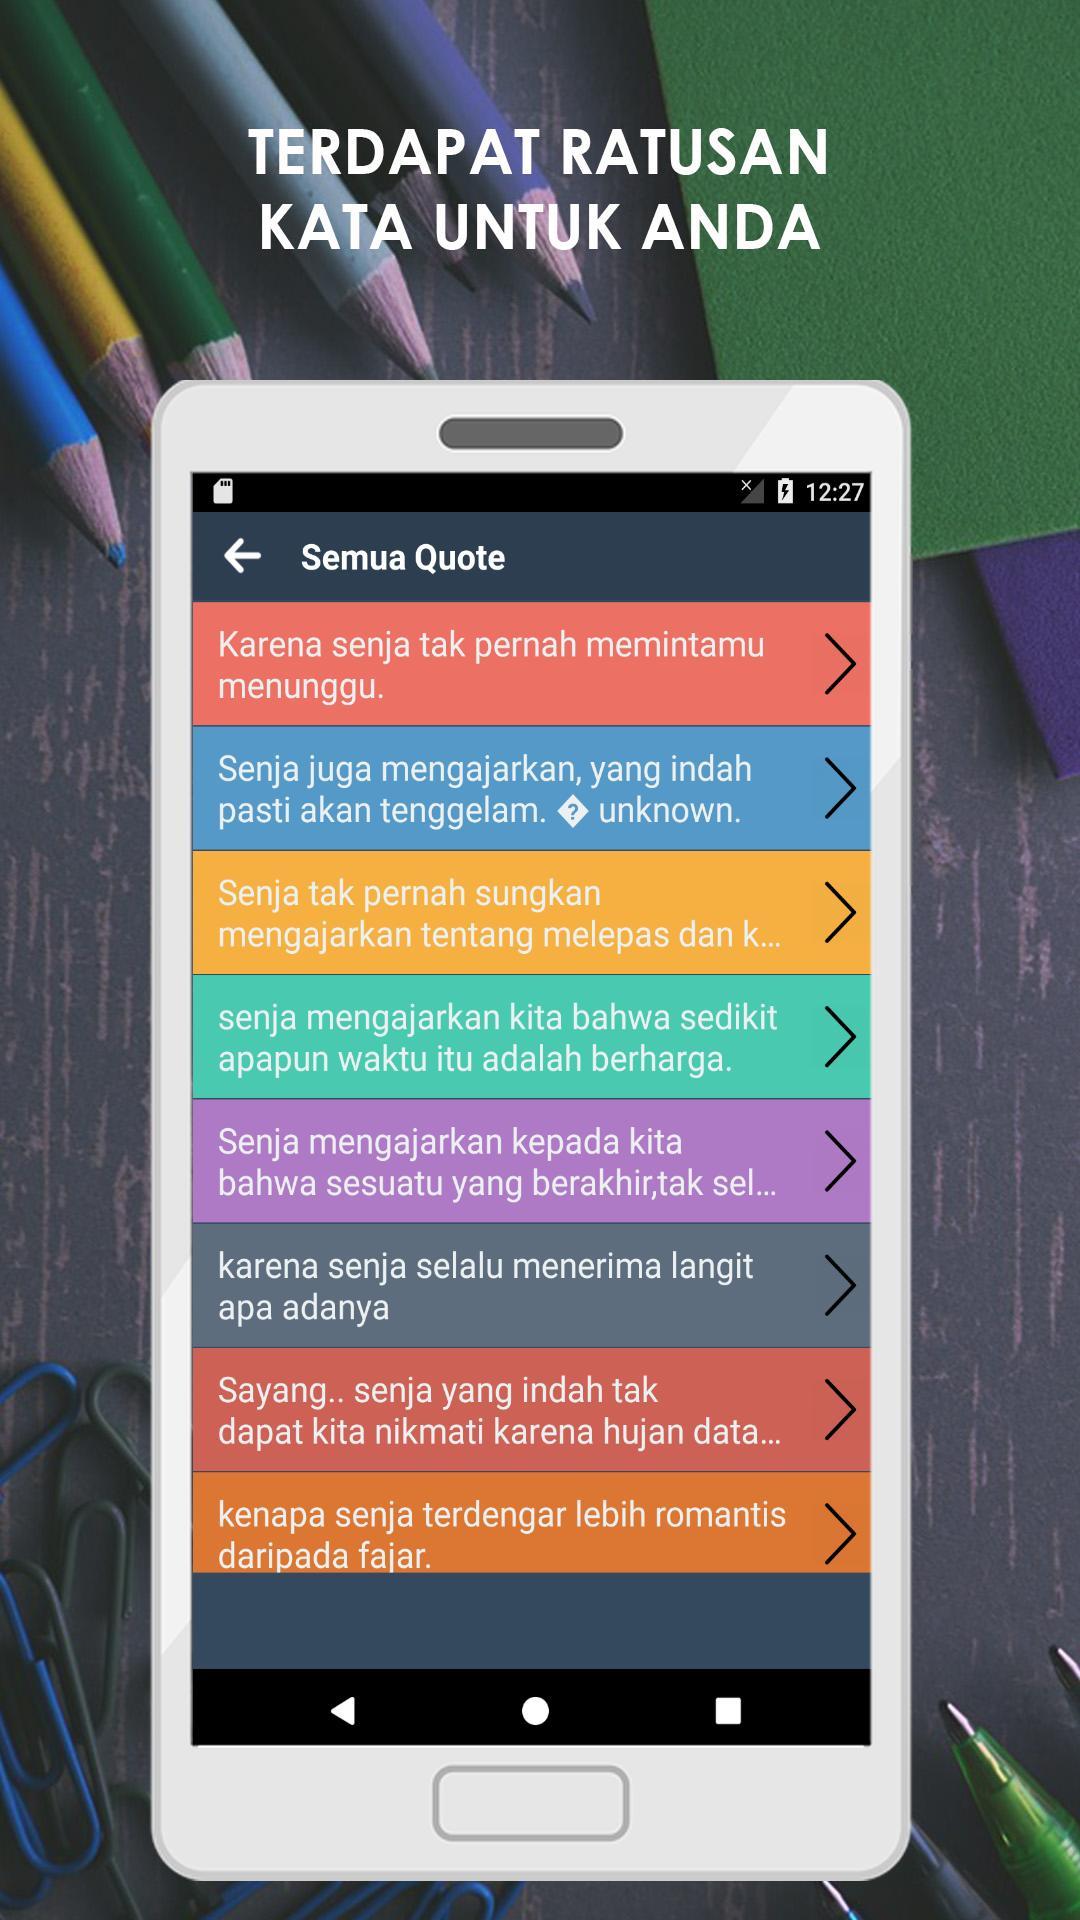 Kata Kata Mutiara Senja Di Sore Hari Für Android Apk